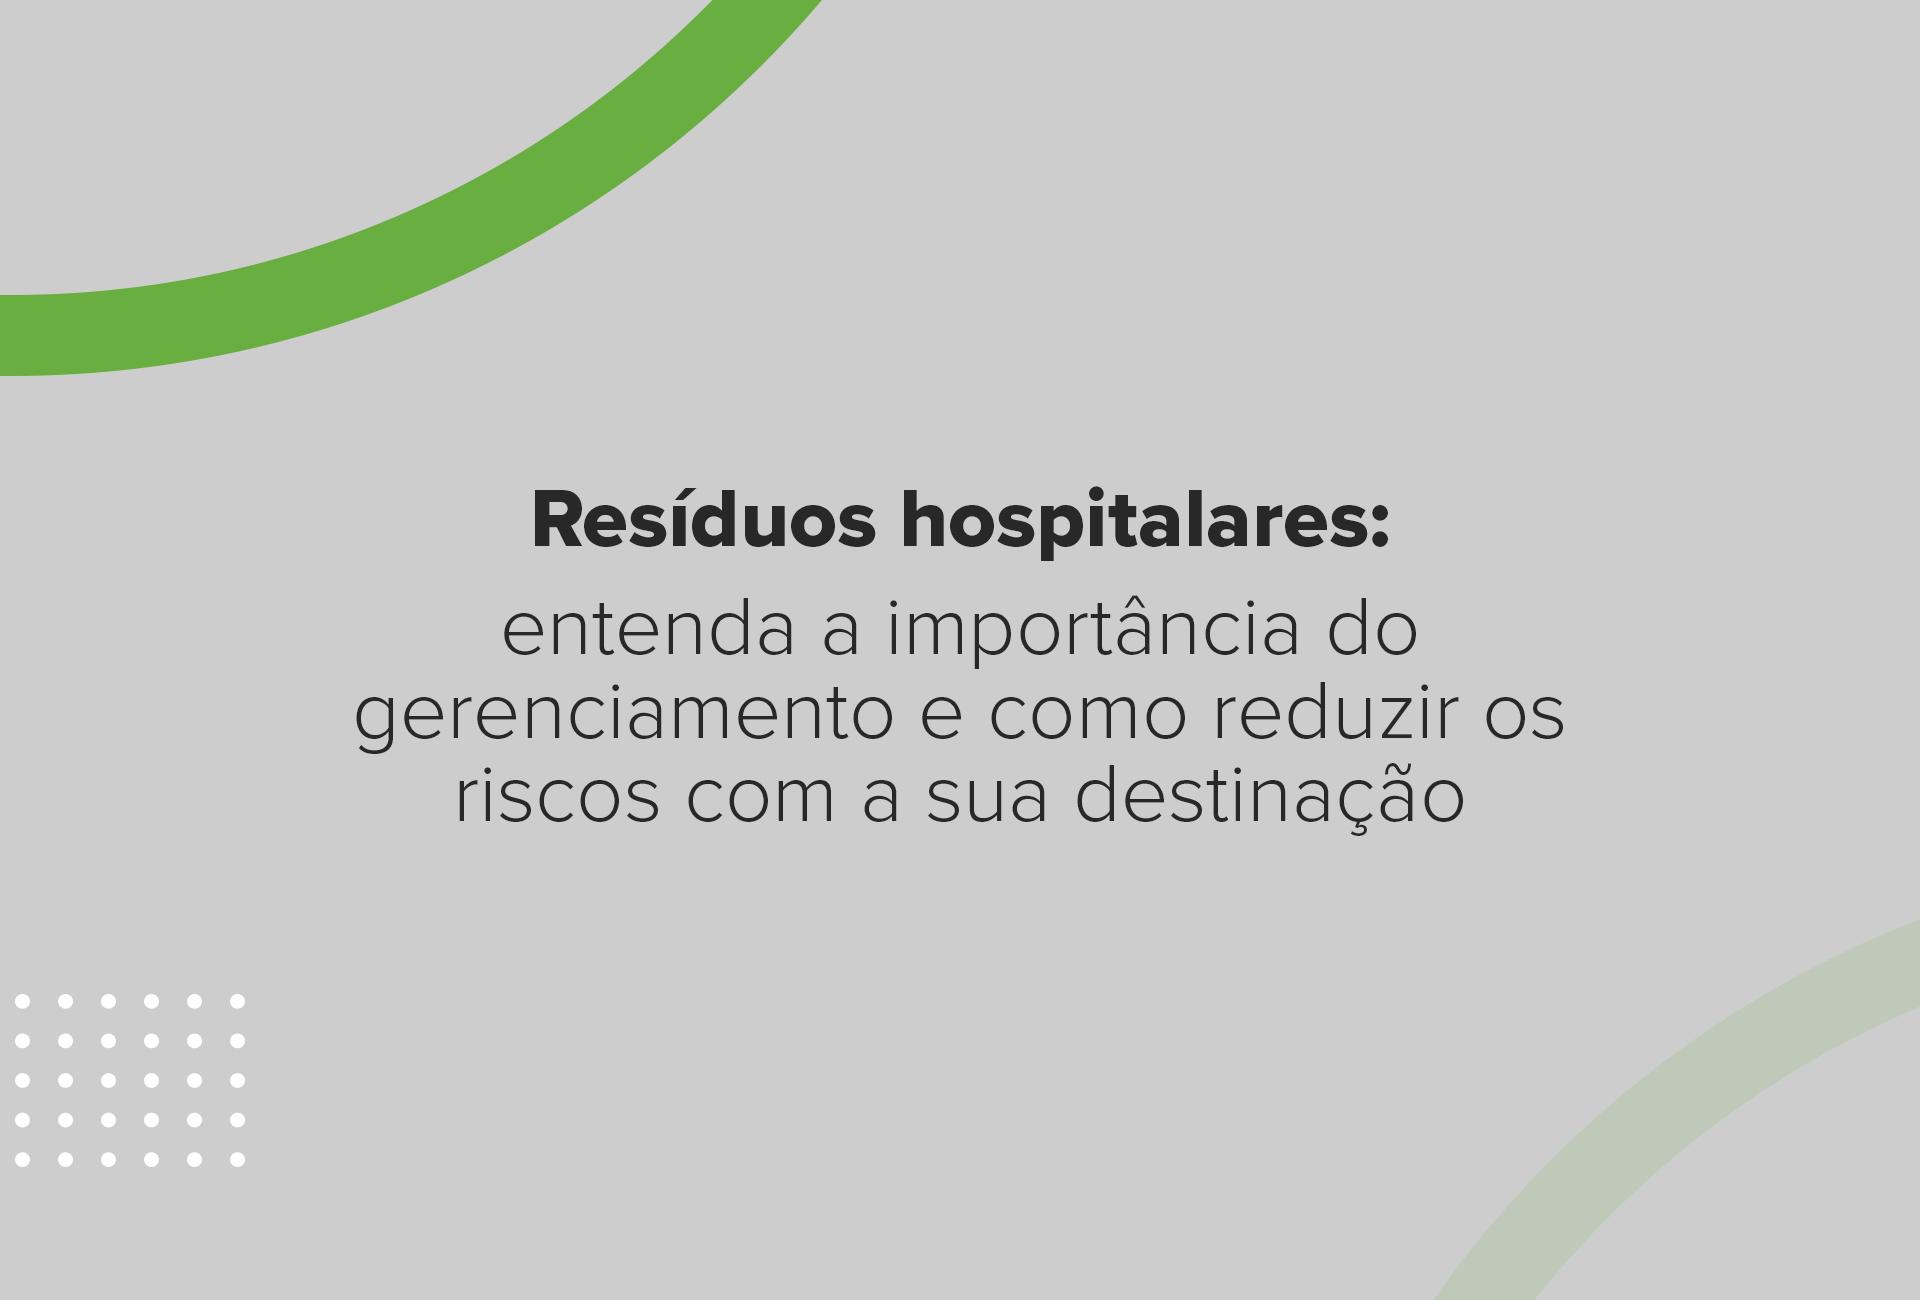 Resíduos hospitalares: a importância do gerenciamento e como reduzir os riscos com a destinação